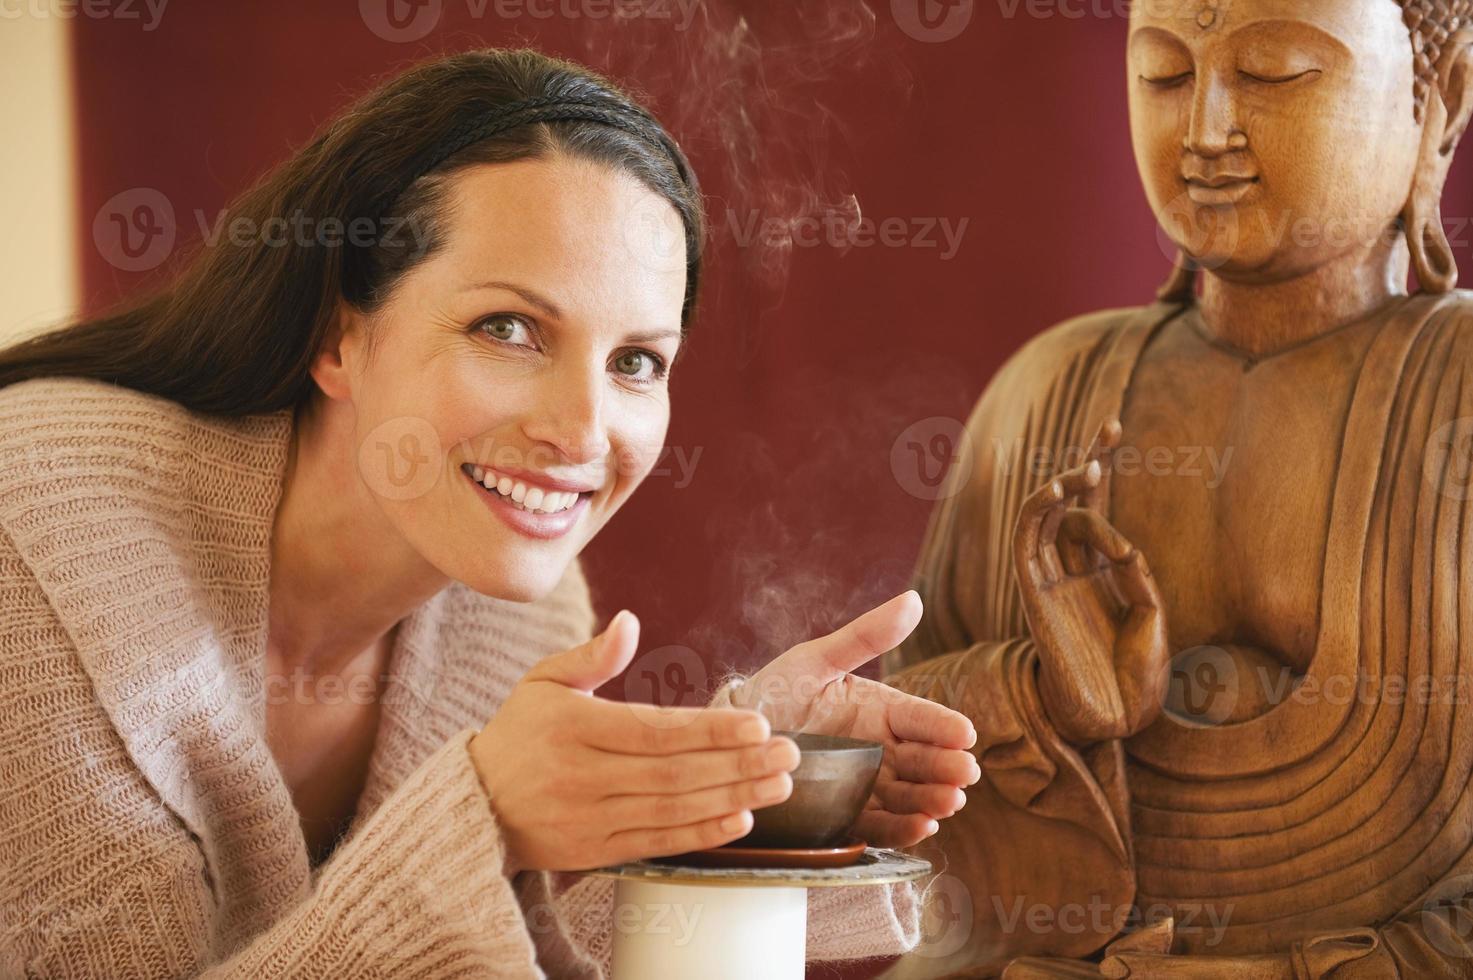 brunette vrouw genieten van joss stick's geur Boeddhabeeld in de achtergrond foto